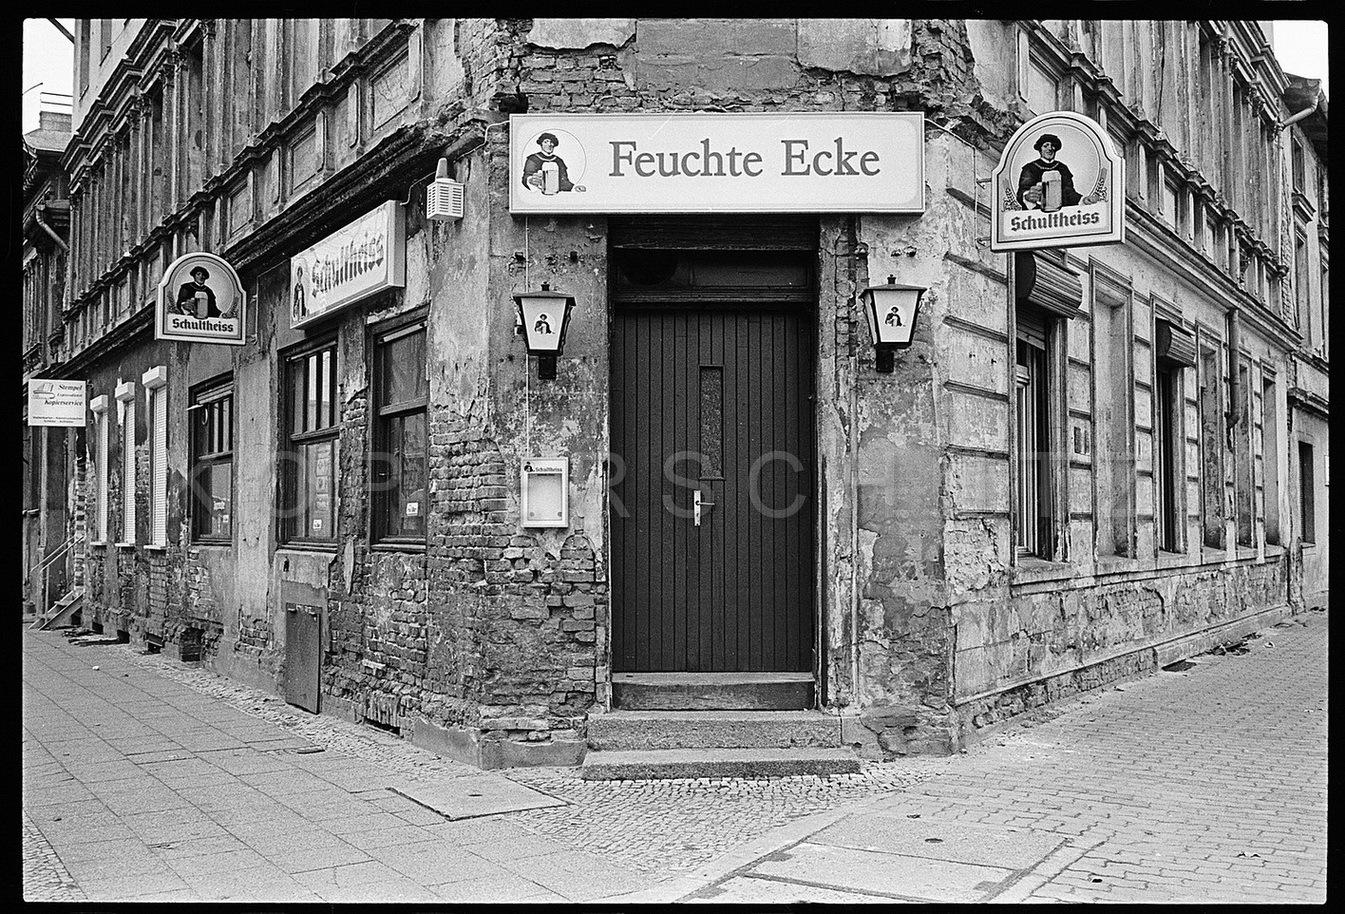 Nr13-071_Weissensee-10.11.1991